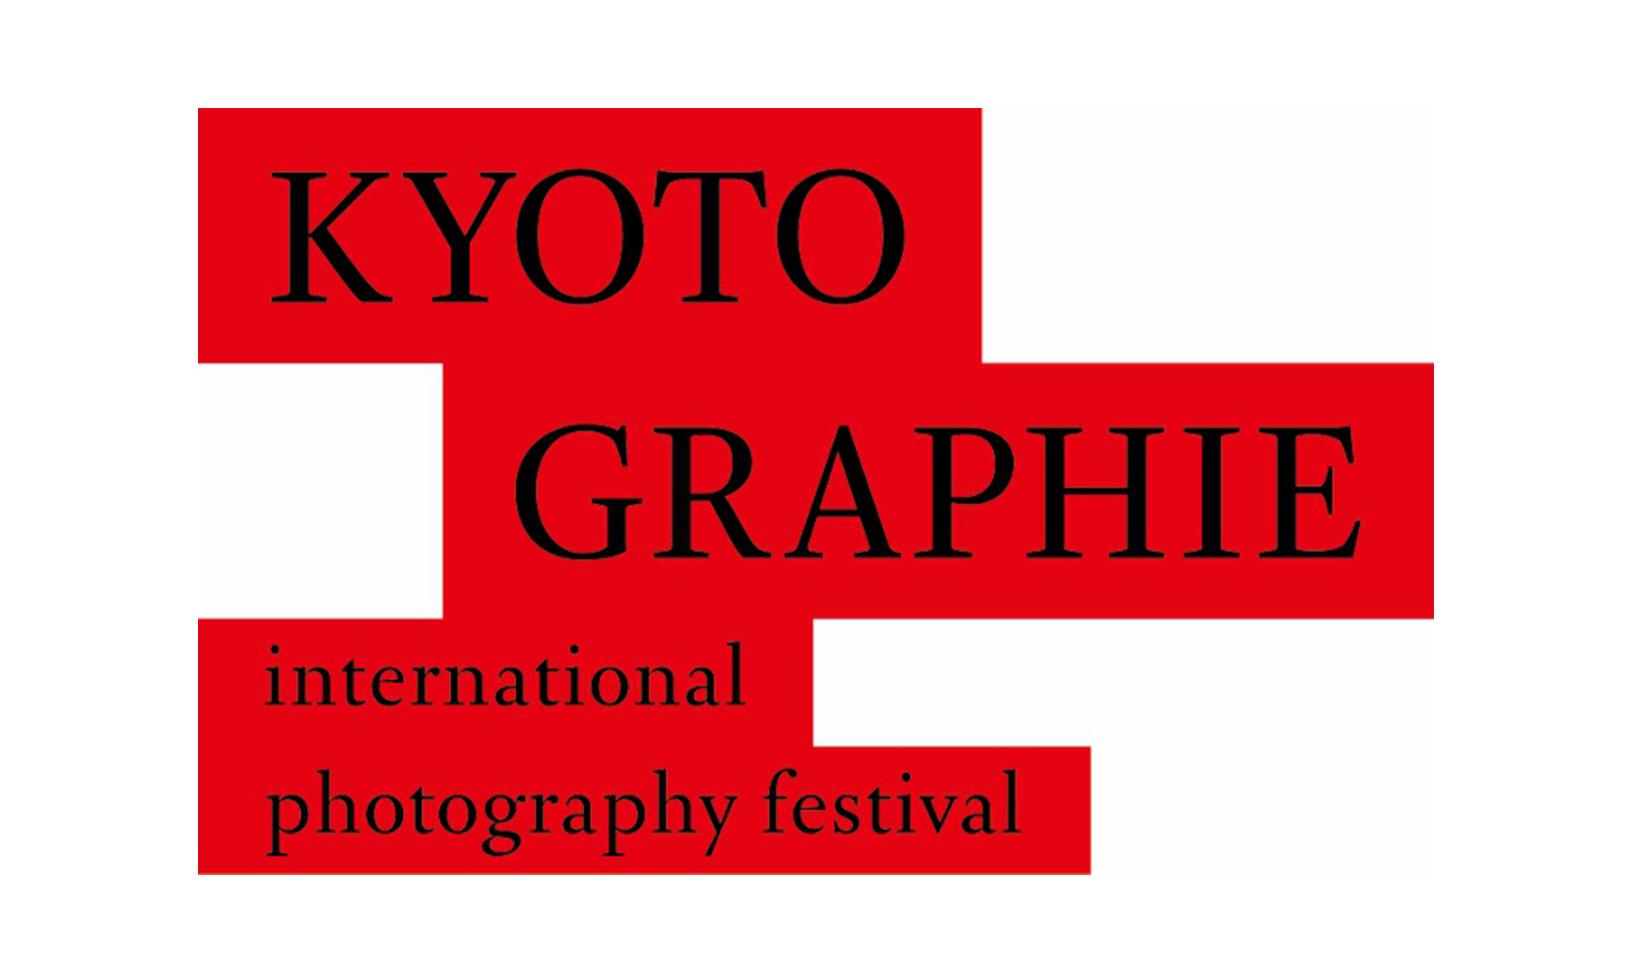 一般社団法人 KYOTOGRAPHIE